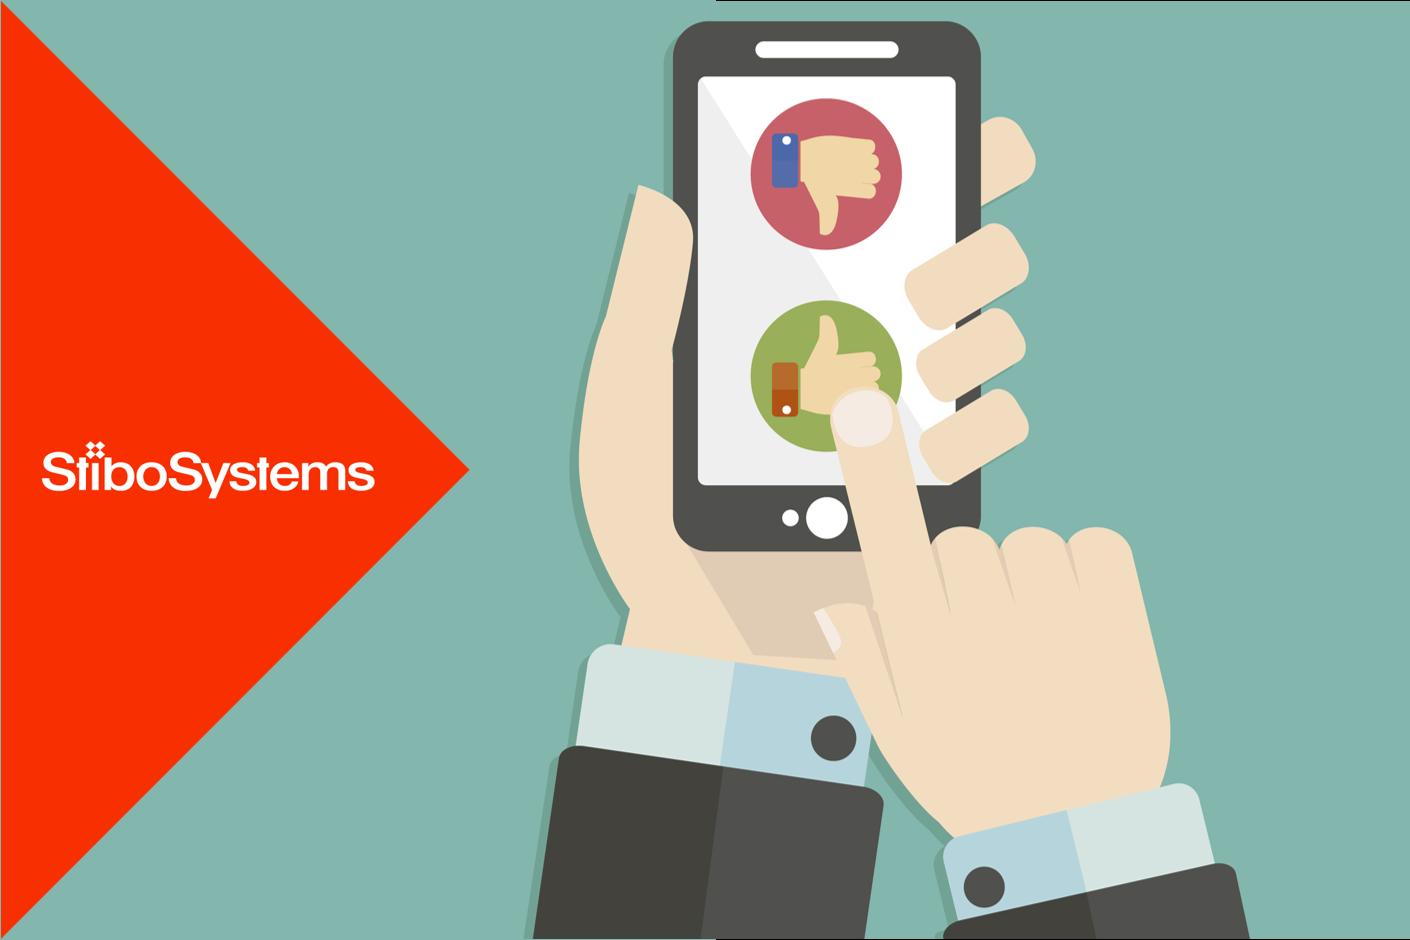 Stibo Systems garante redução de 35% no tempo de lançamento de produtos da Netshoes